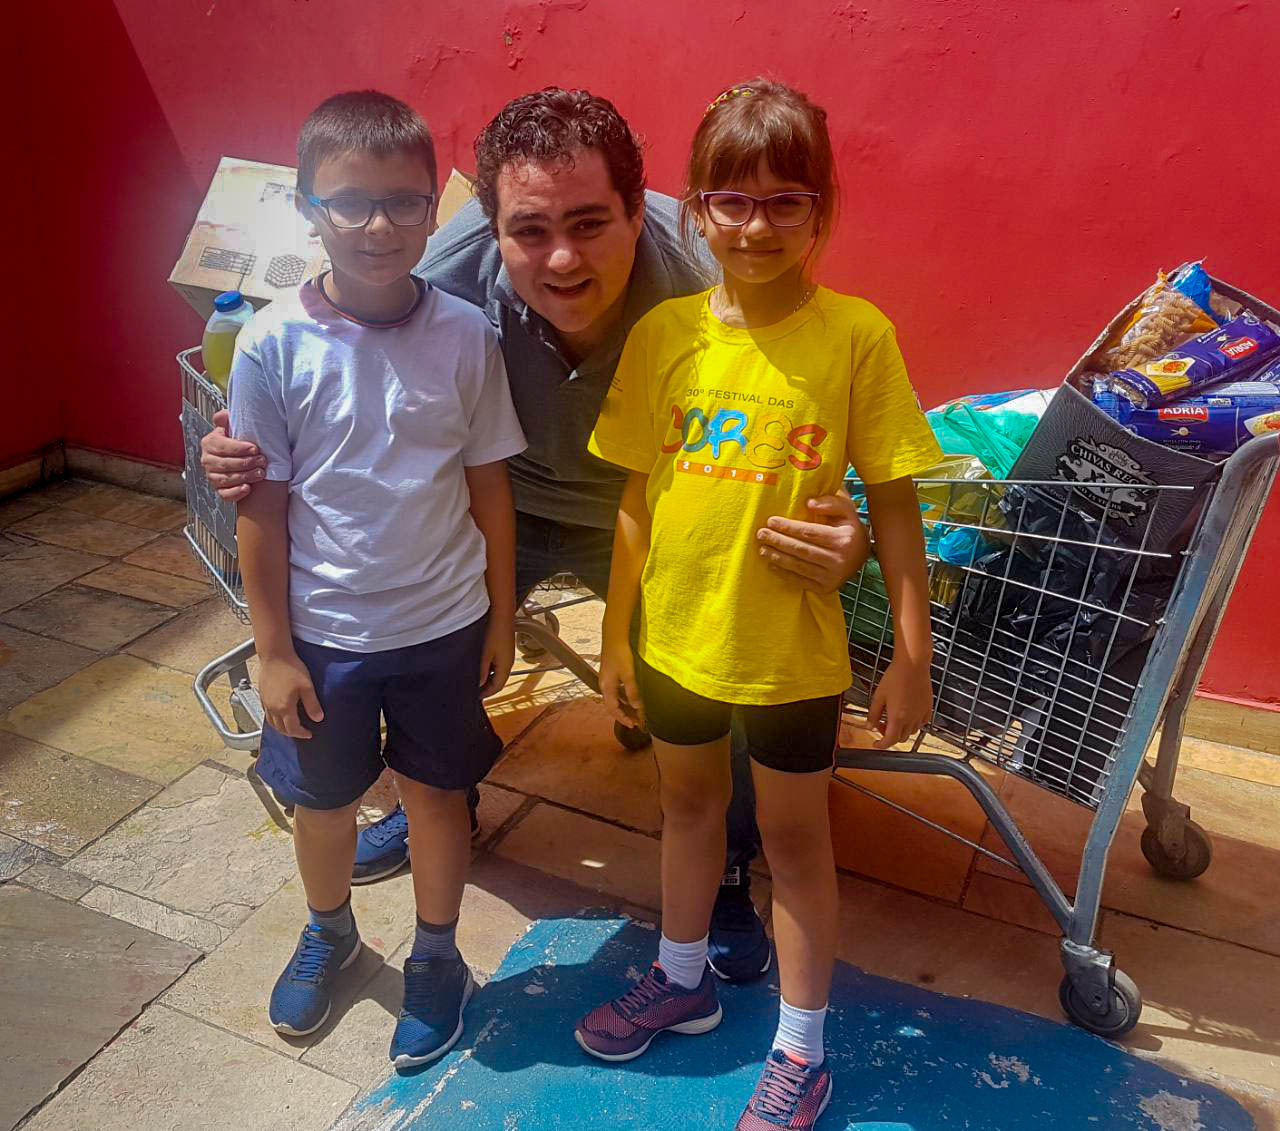 Gêmeos que doaram seus presentes para a Festa Solidária do Gotas de Flor